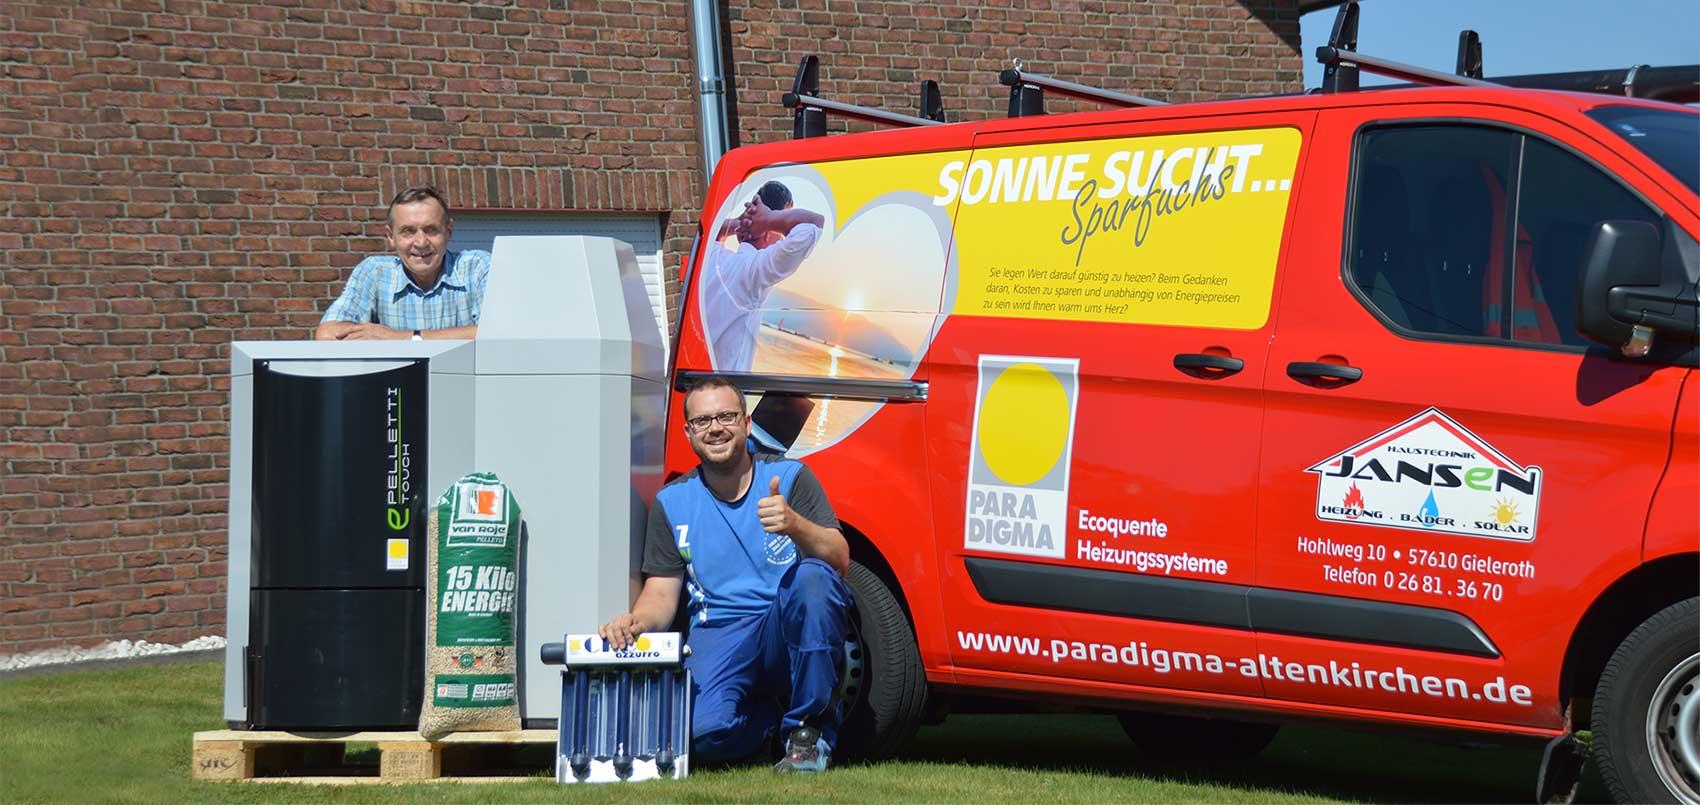 Fachbetrieb für Heizung und Solar in Altenkirchen